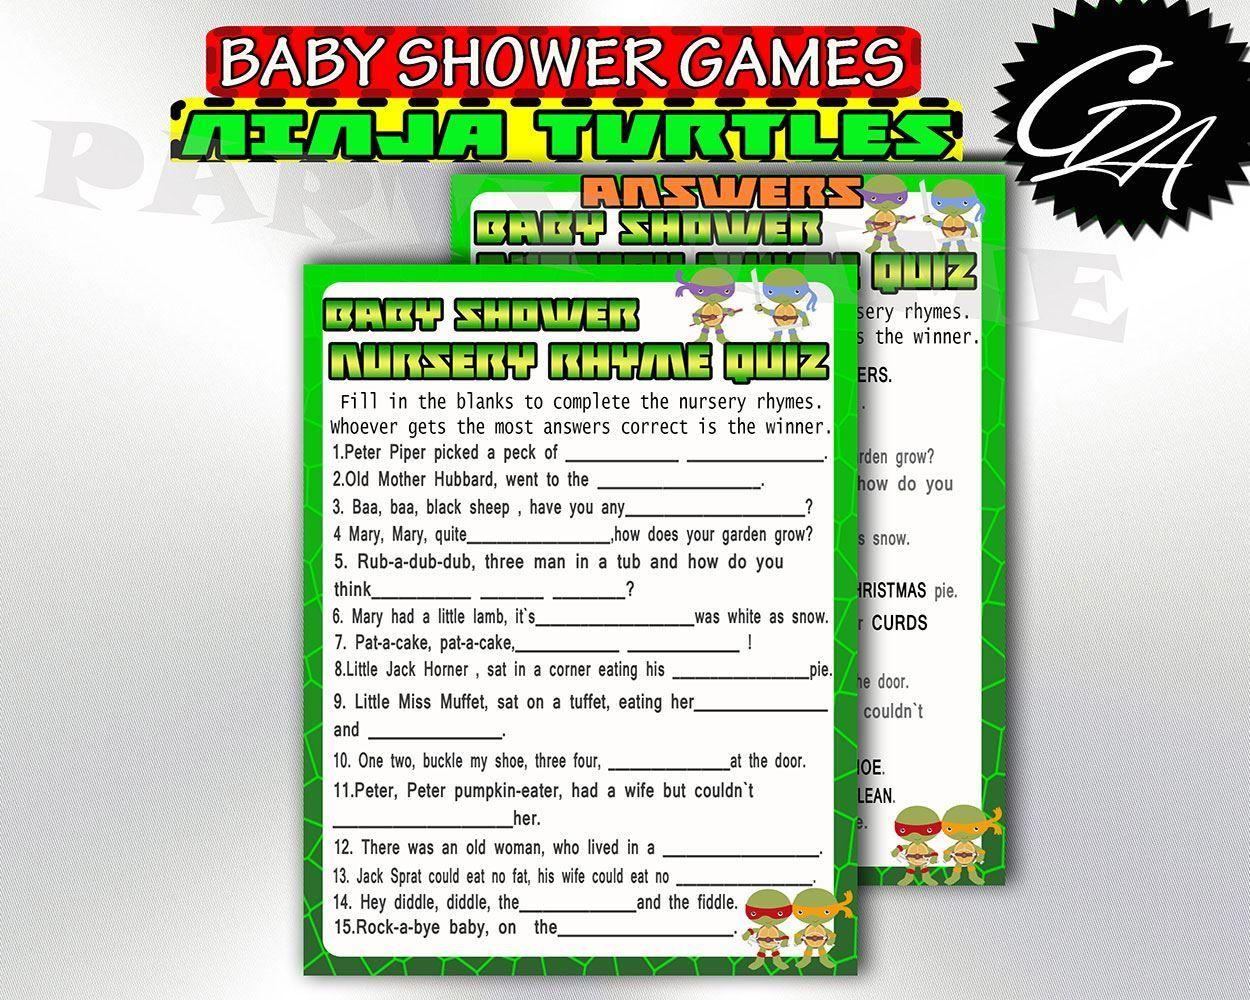 Turtles Nursery Rhyme Game Printable Baby Shower Game Ninja Turtles Baby Shower Nursery Rhyme